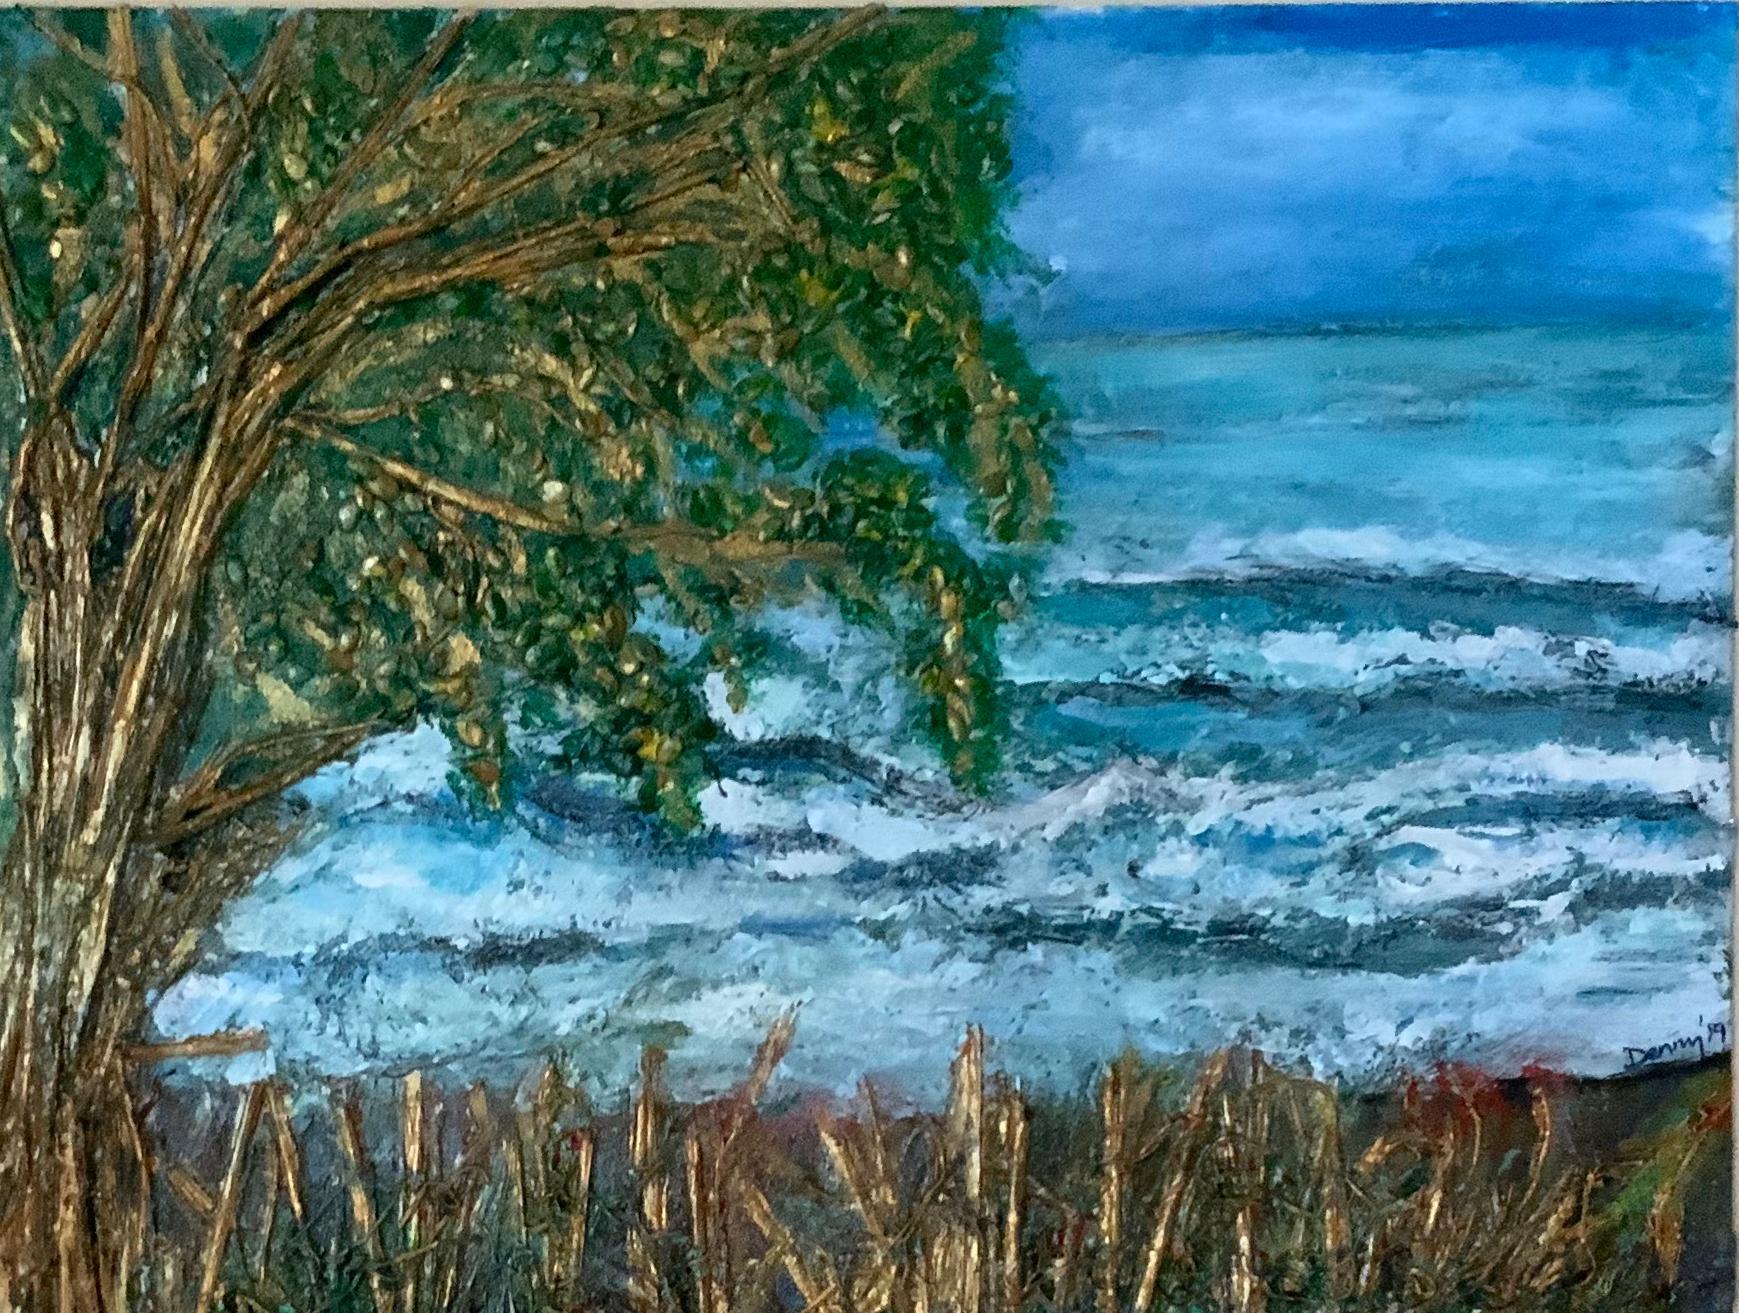 Print 10 - Seascape - Size: 147 x 111